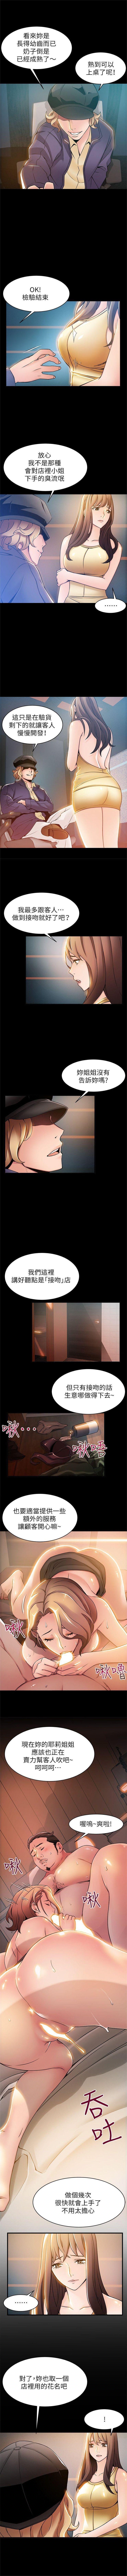 (週7)弱點 1-76 中文翻譯(更新中) 96